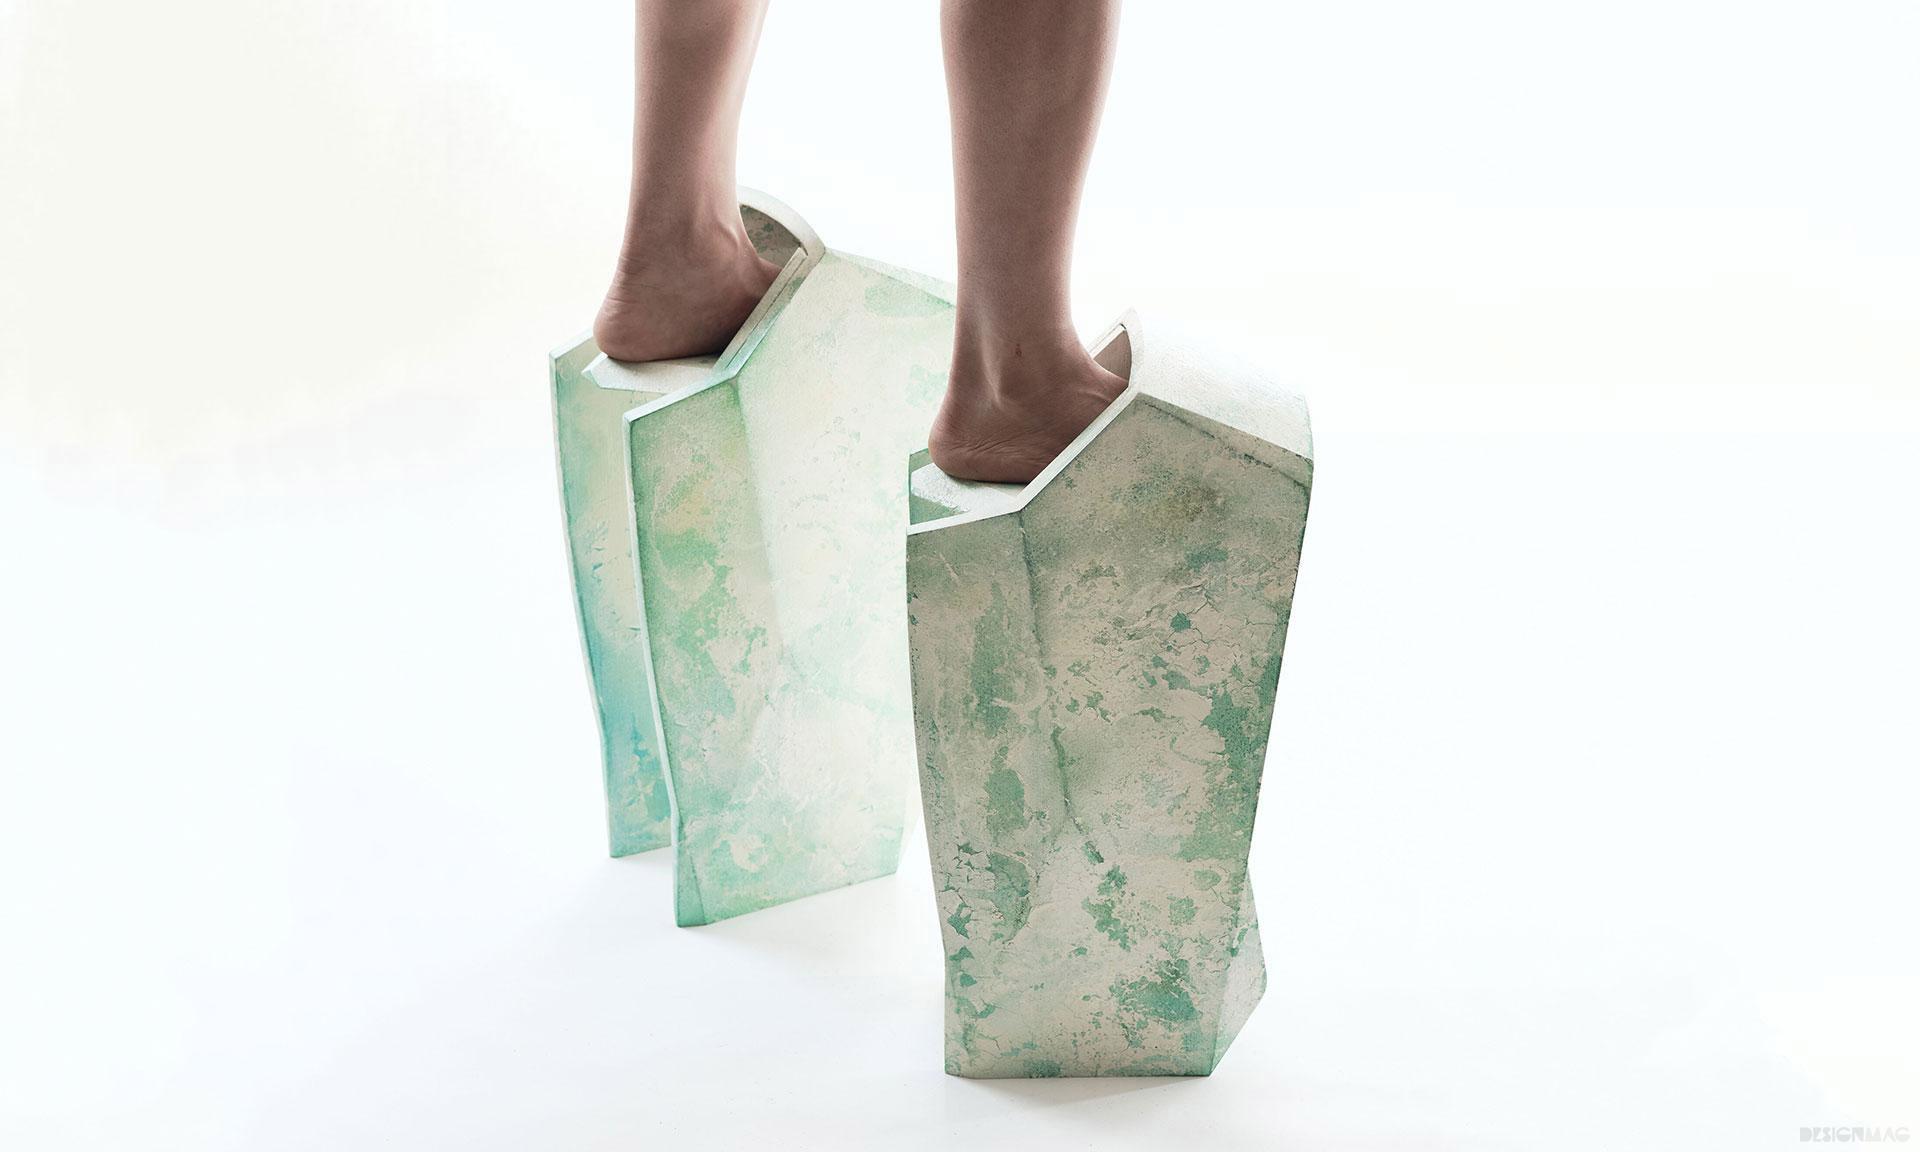 Sruli Recht navrhl extravagantní sérii bot pro posttraumatickou budoucnost